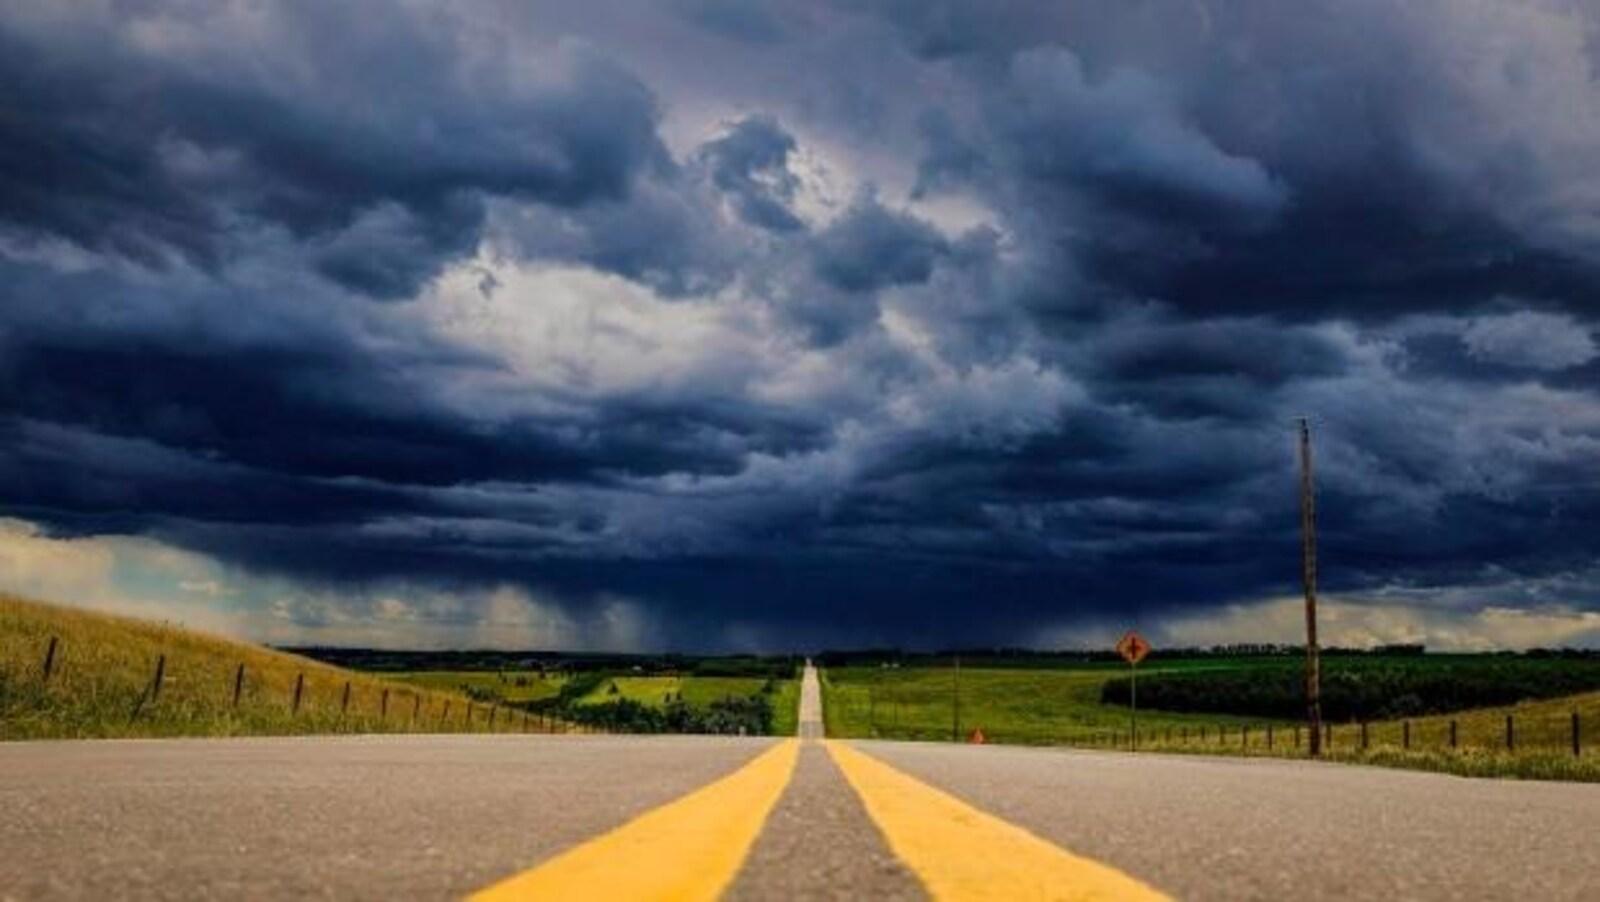 Des orages menaçants se profilent à l'horizon.